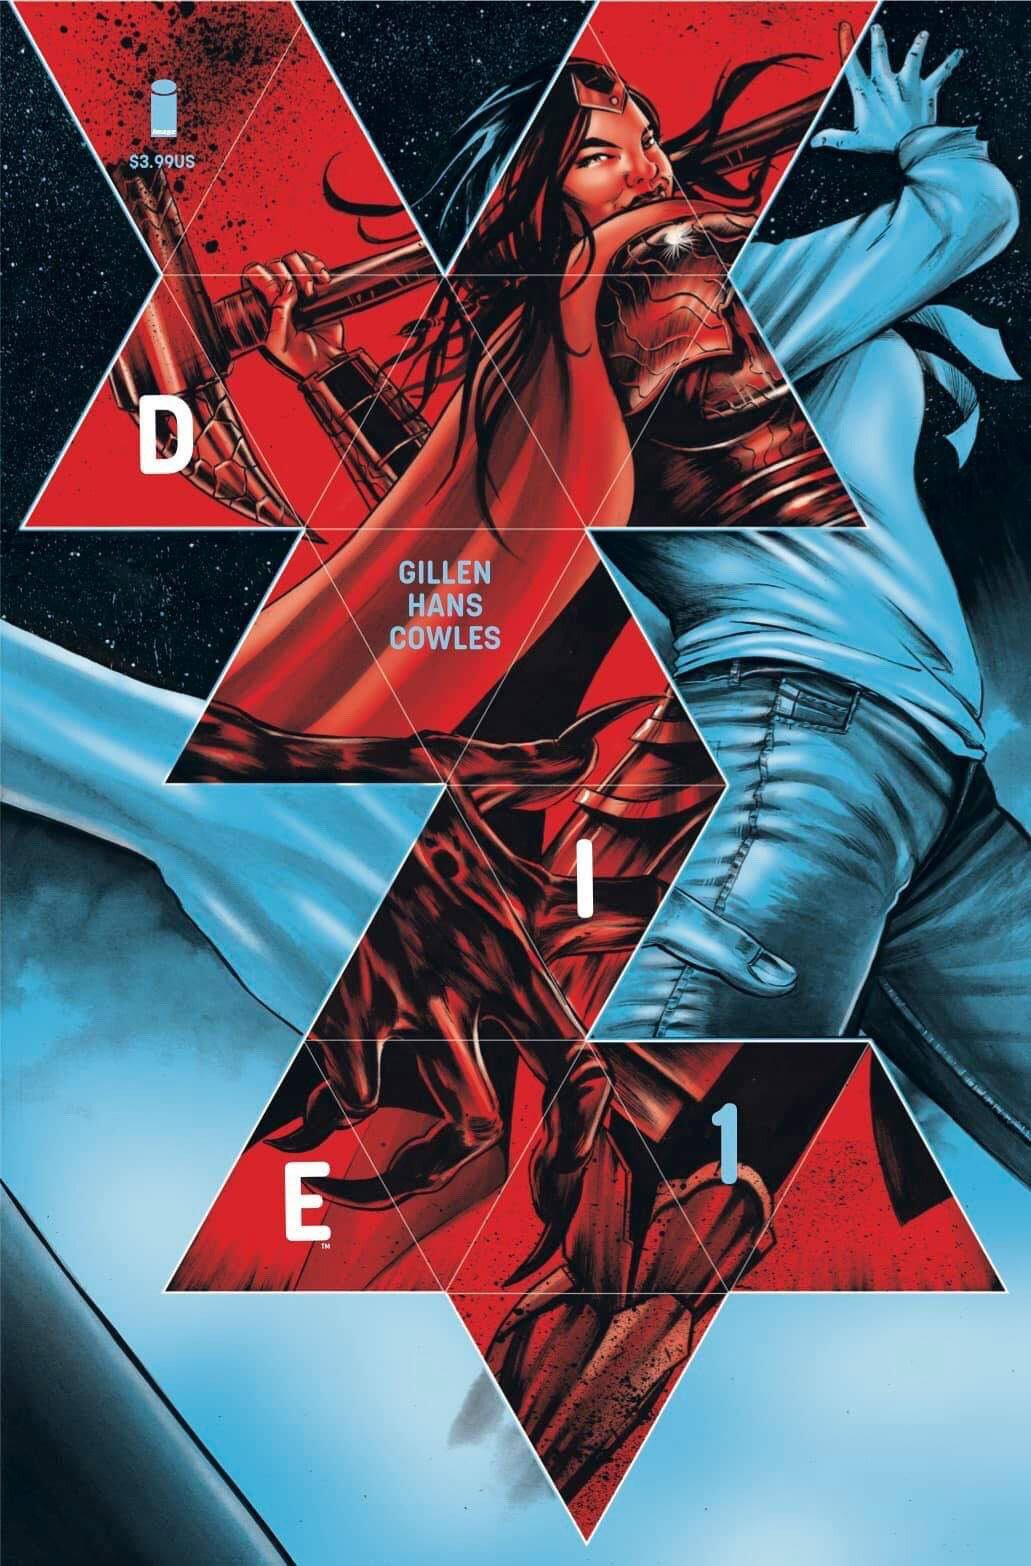 Die #1 variant, Image Comics